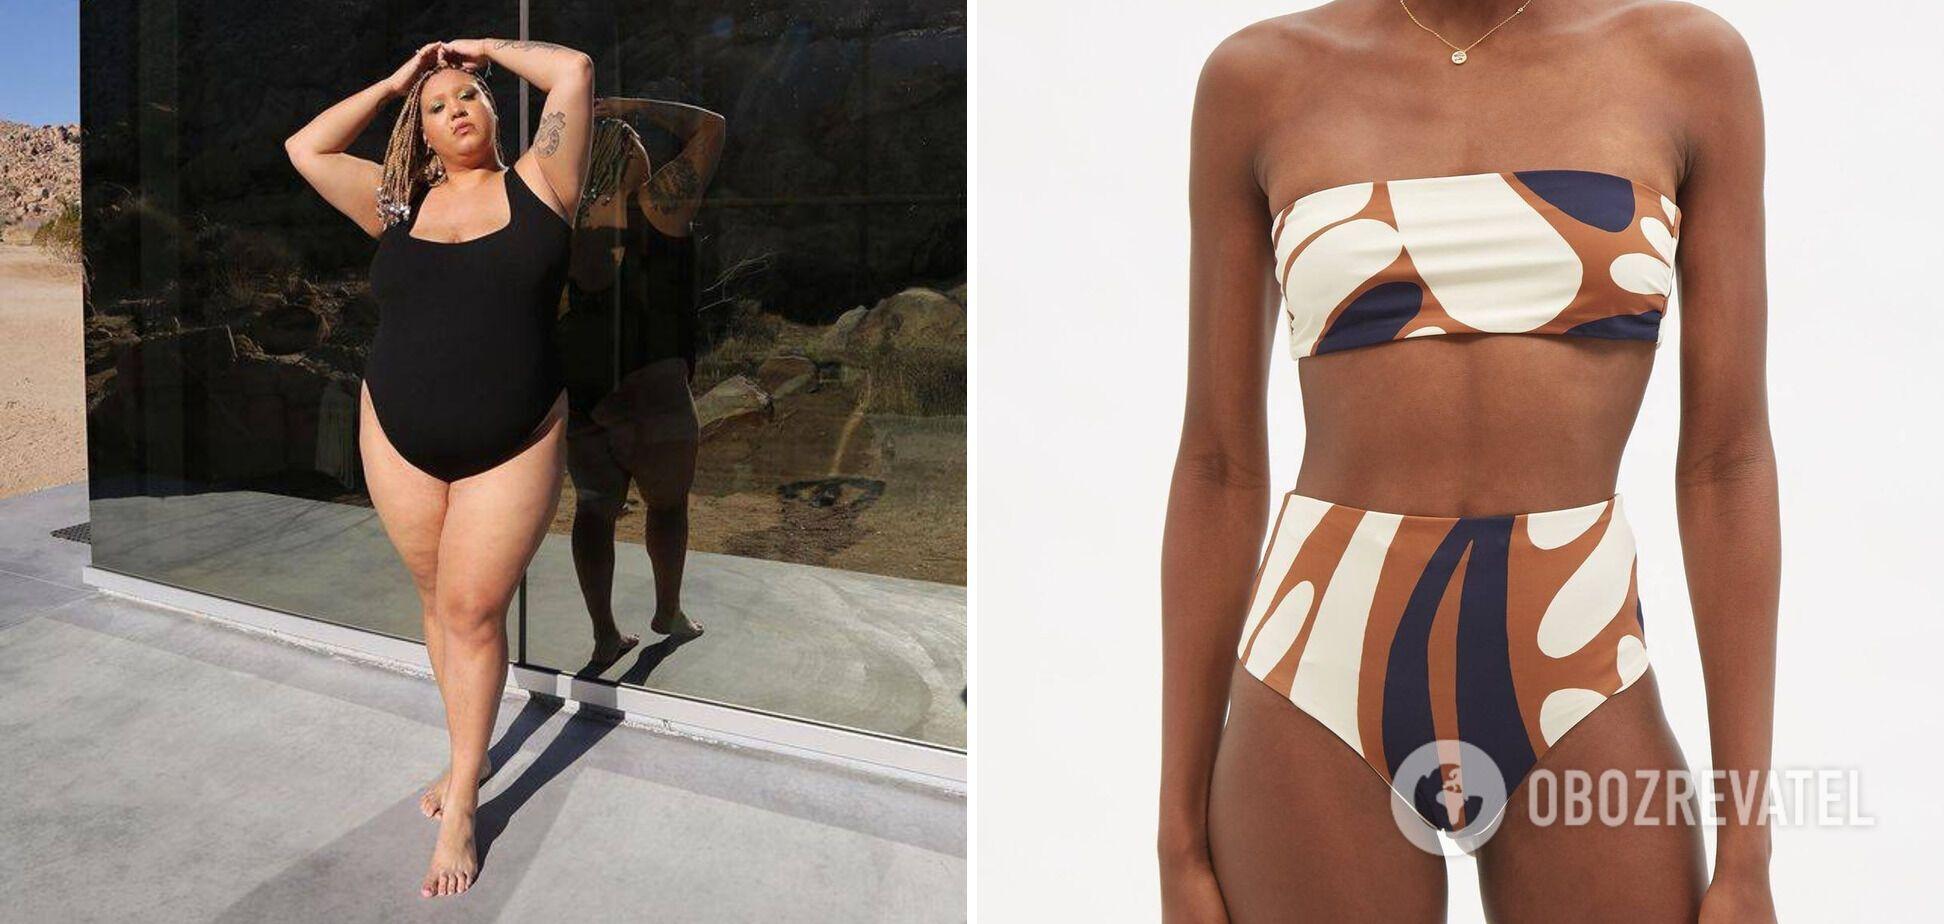 Современные модницы любят модели без лишних деталей